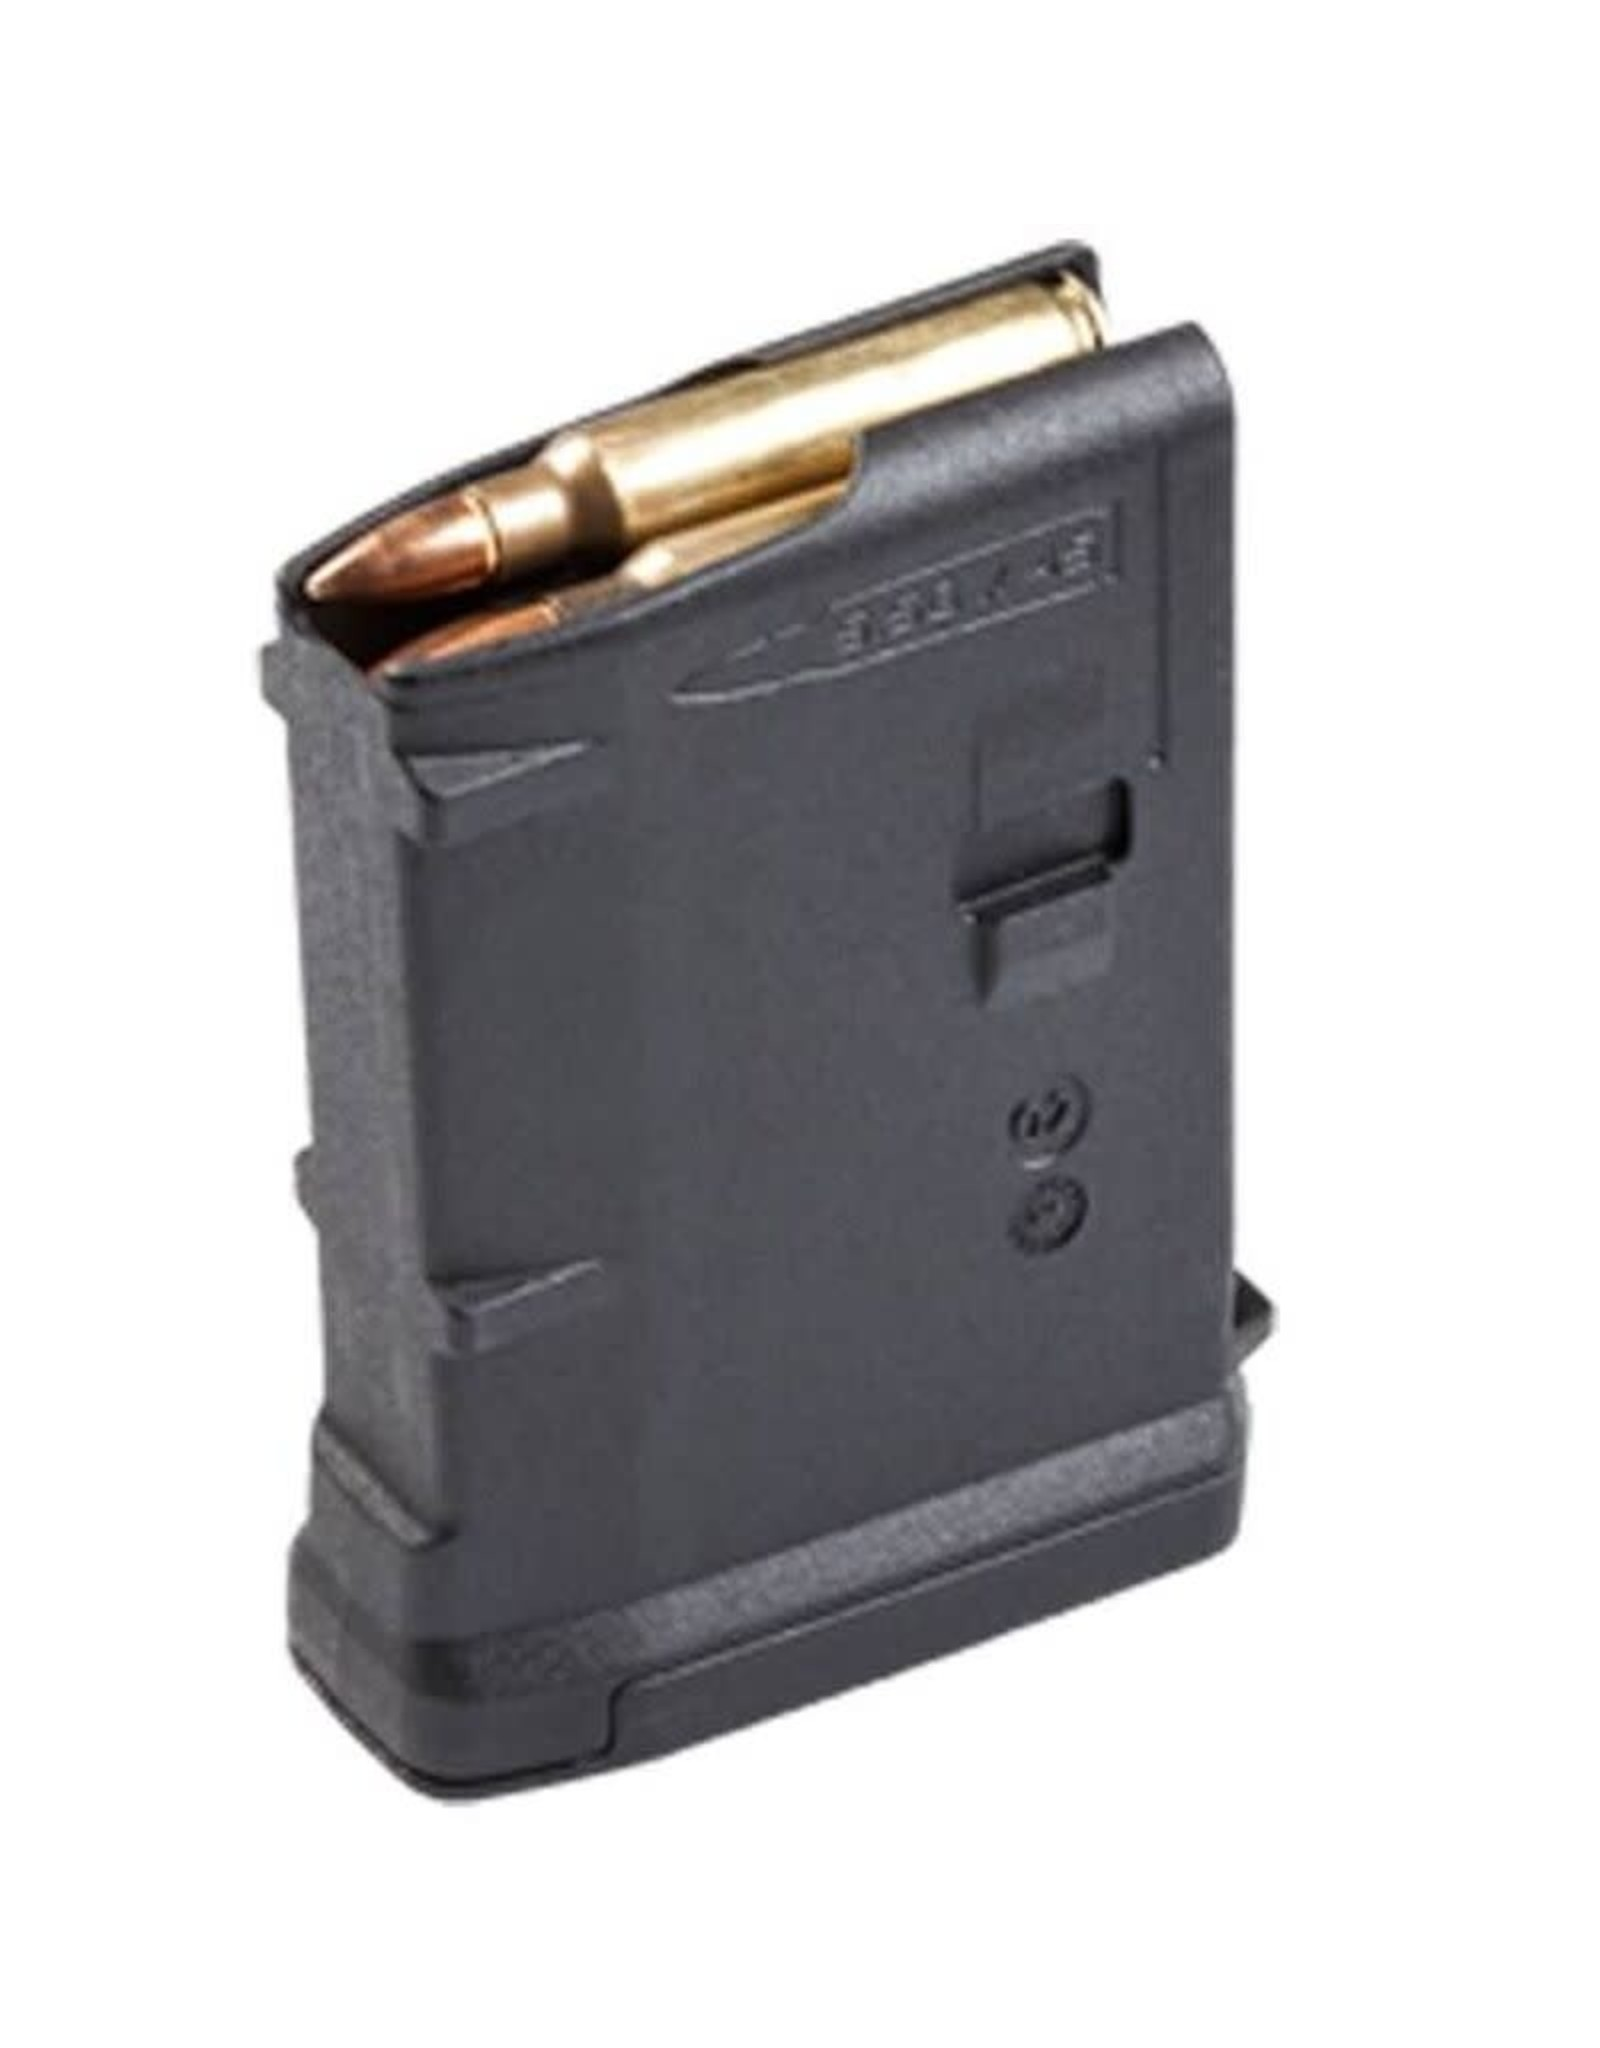 Magpul Magpul - AR/M4 PMAG - 10rd Gen M3 - Black